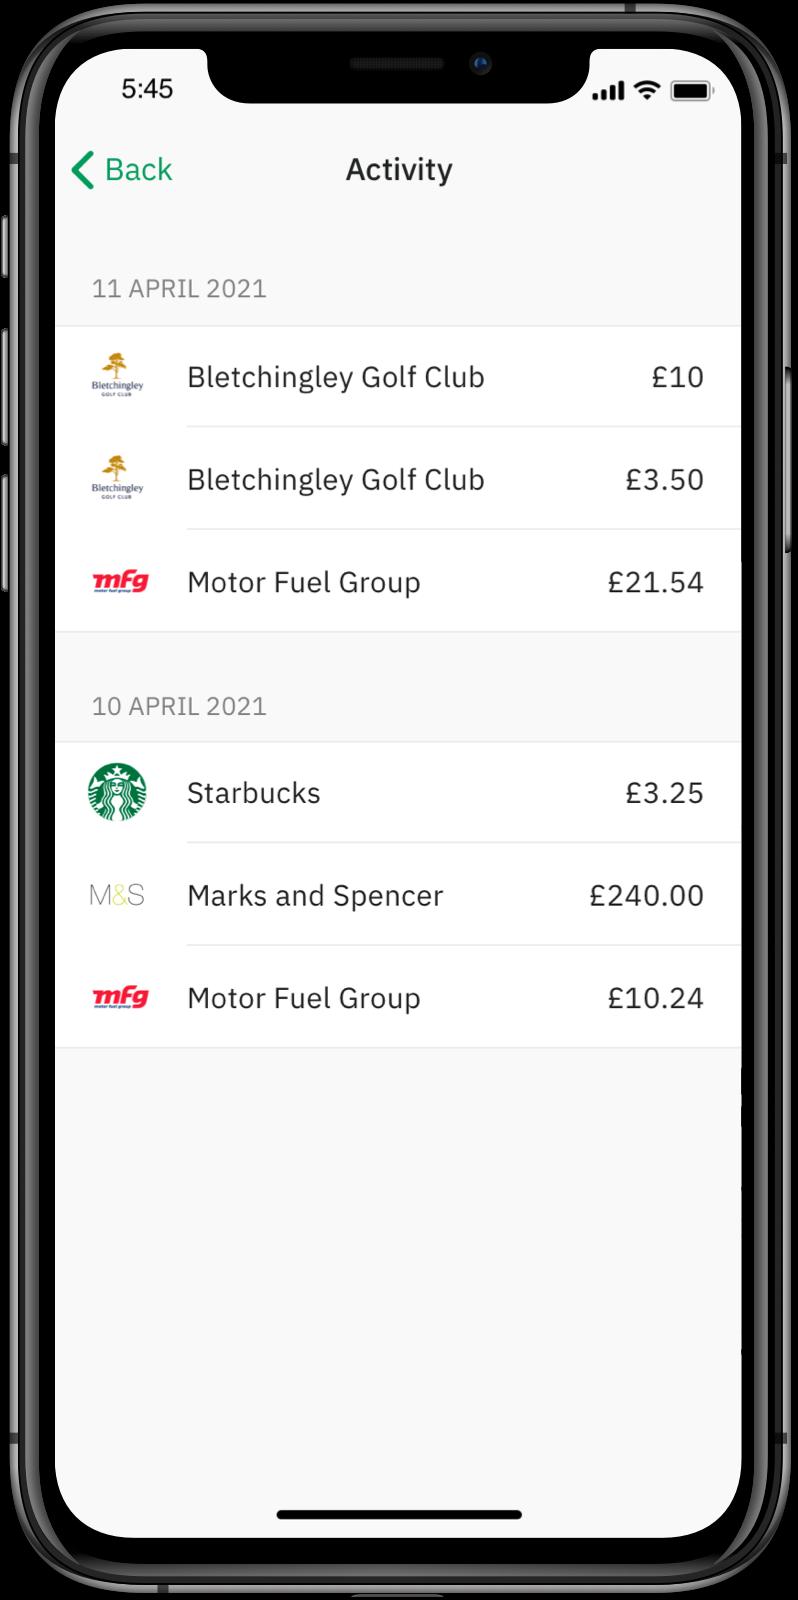 Wirex App: Activity List